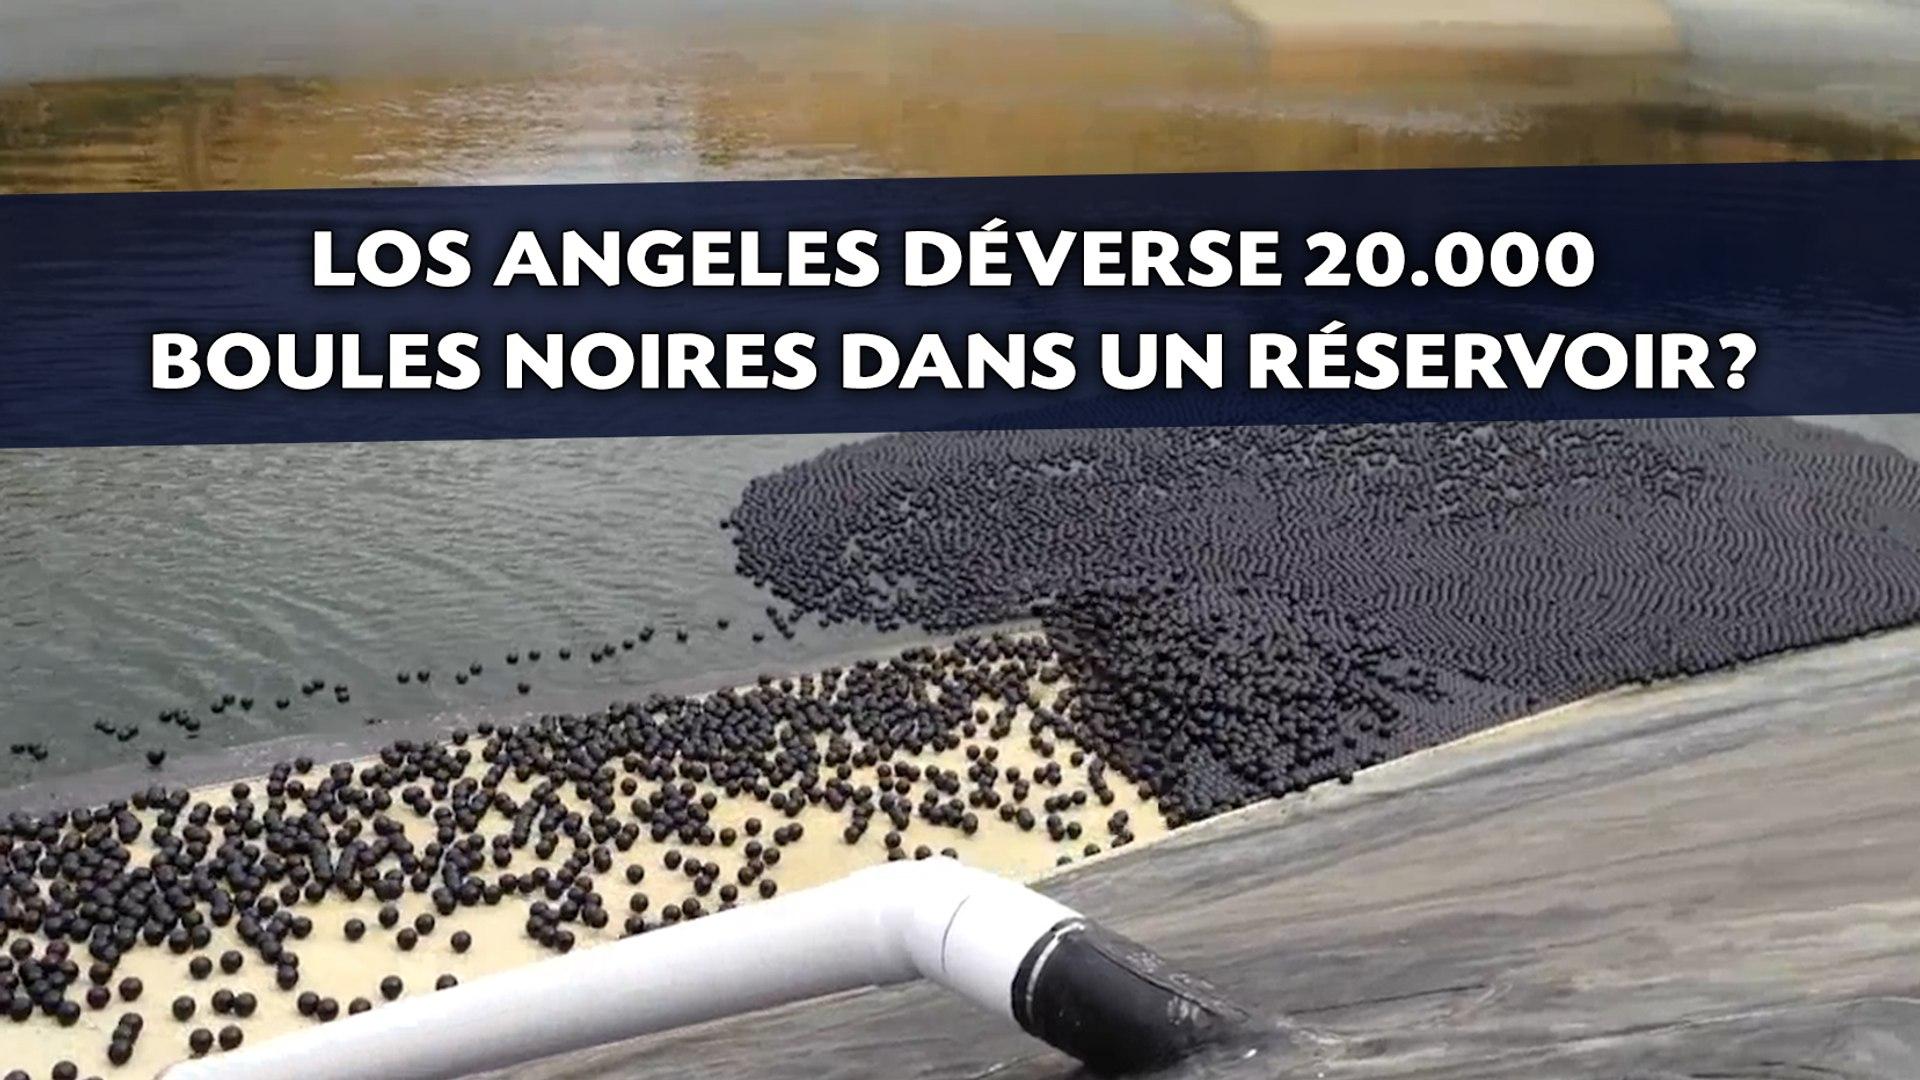 Pourquoi Los Angeles déverse 20.000 boules noires dans un réservoir?